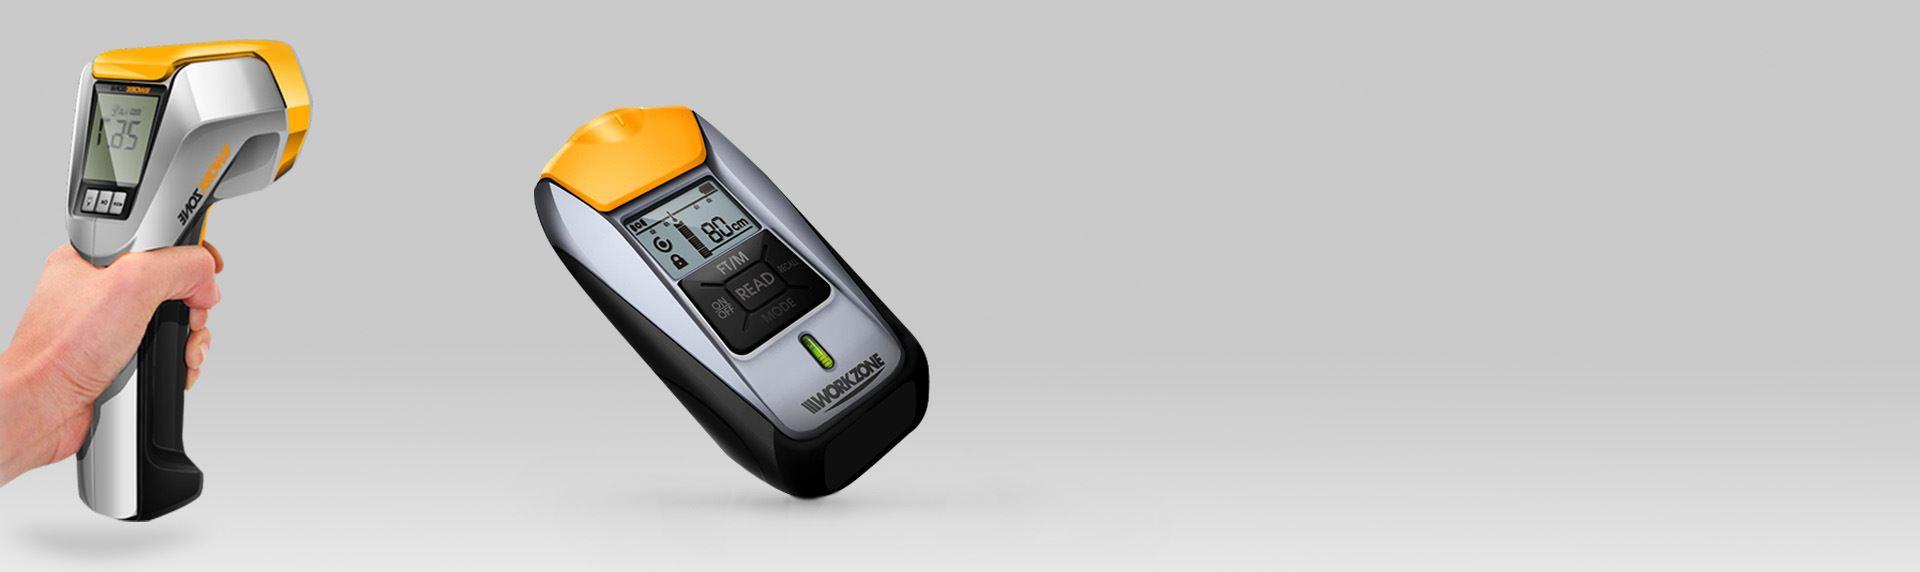 SSC设计-手持检测设备